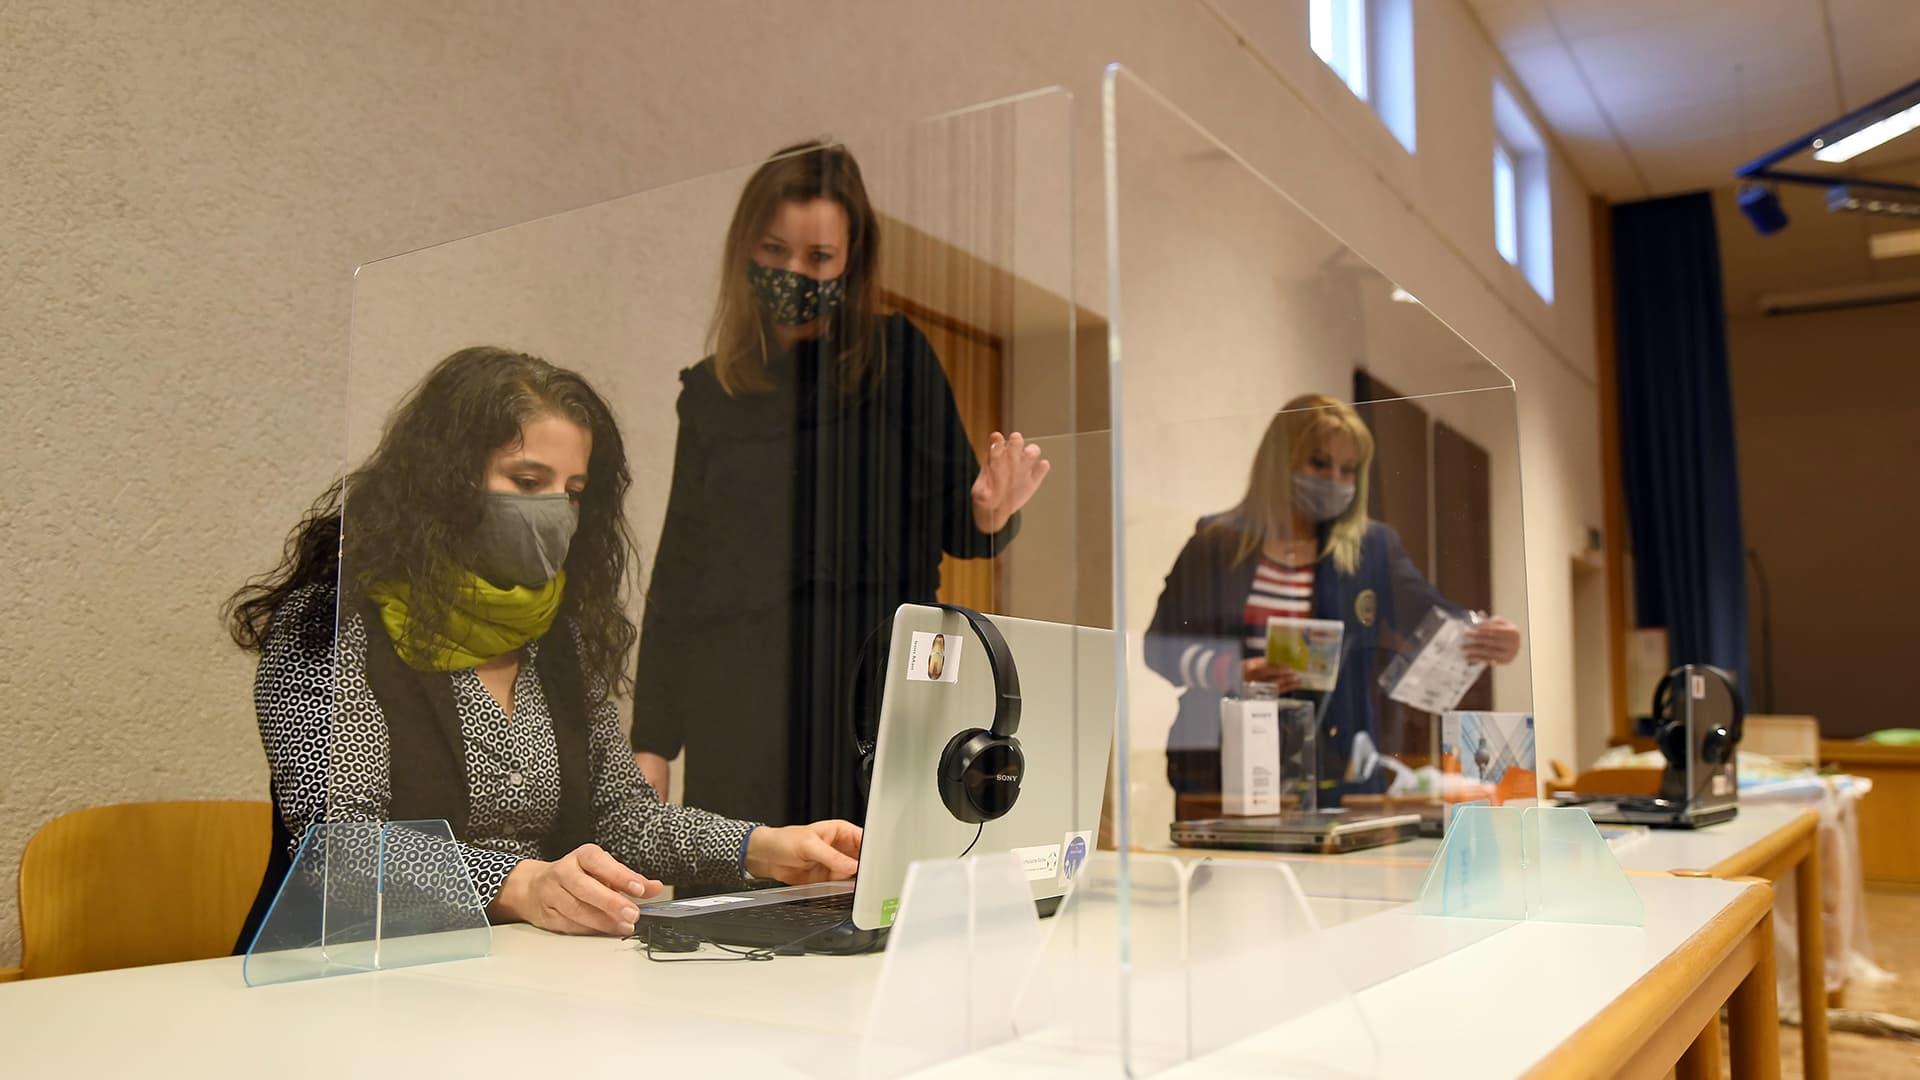 Computerarbeitsplätze in einem Gemeindesaal in Ehrenfeld für Schüler.